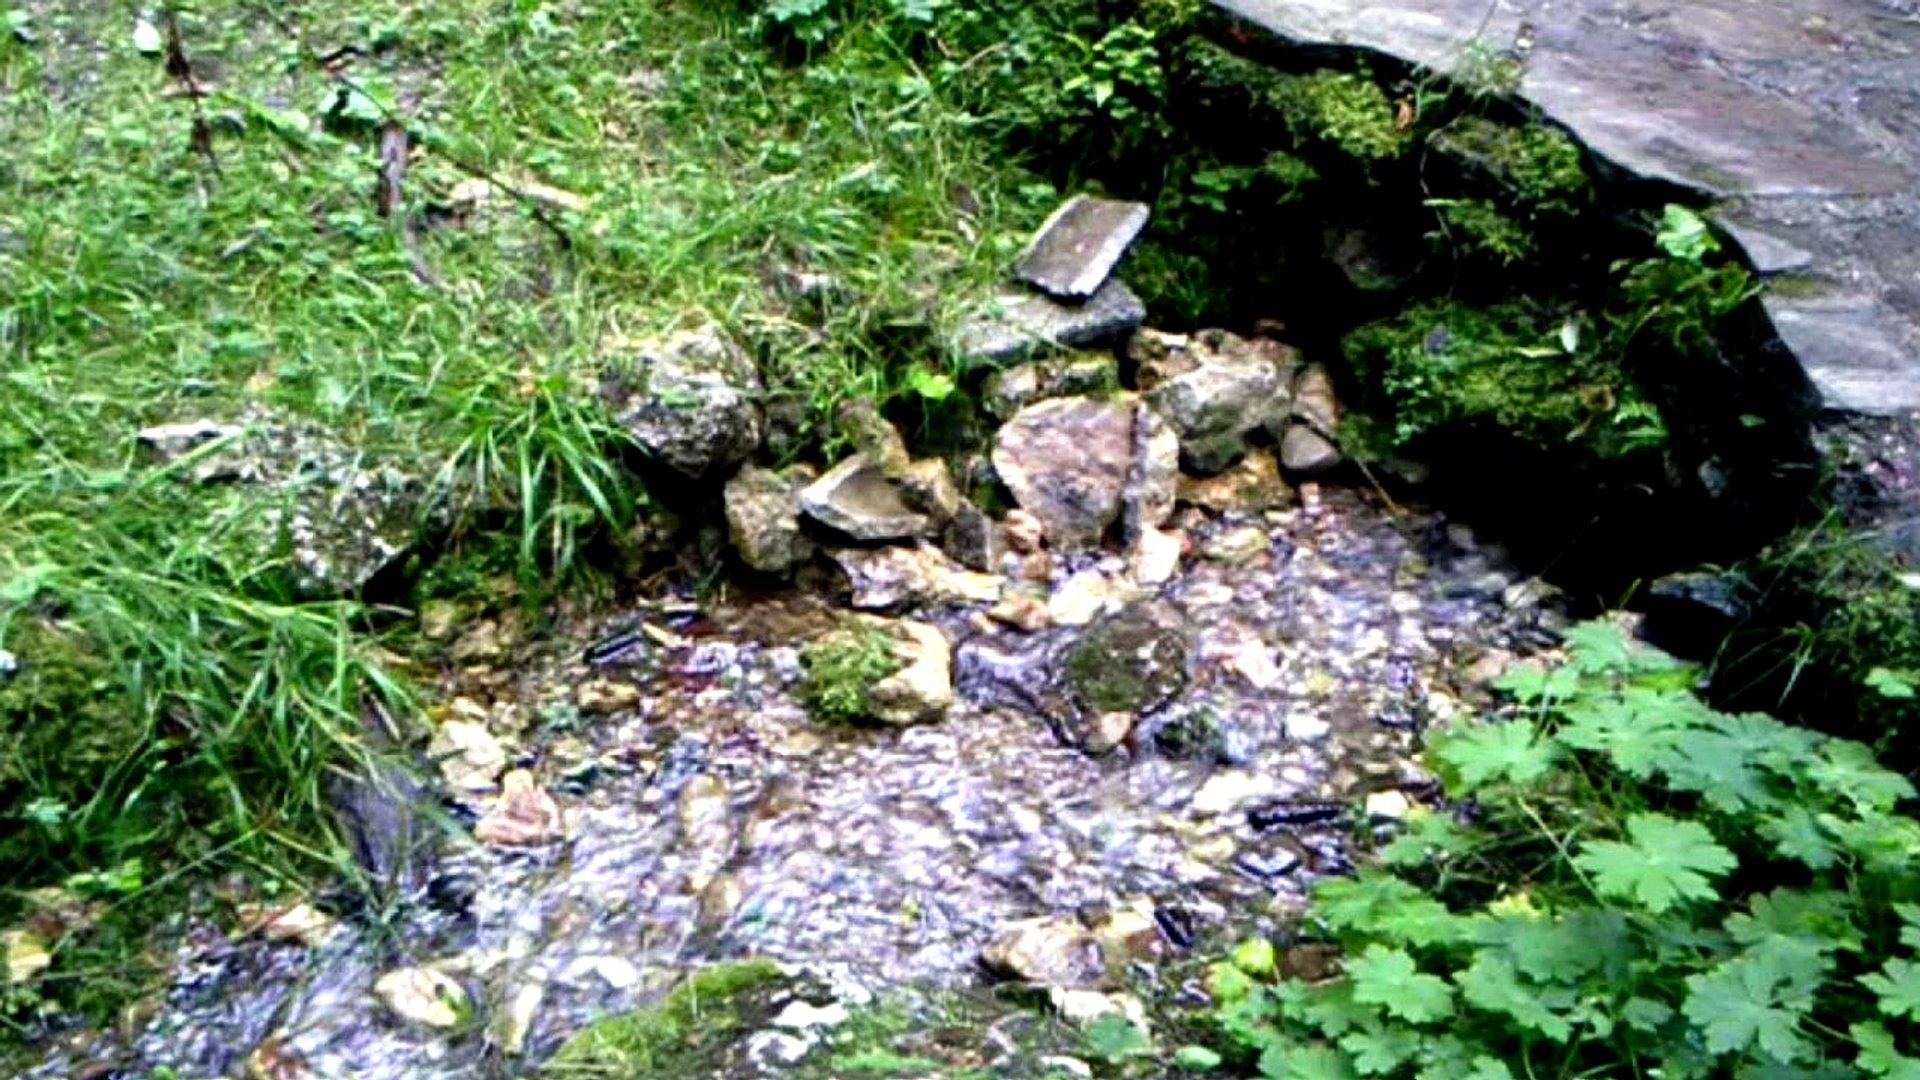 KAD JA POĐOH NA BEMBAŠU ~ Bosnian Sevdalinka & Natural Spring Water Sounds